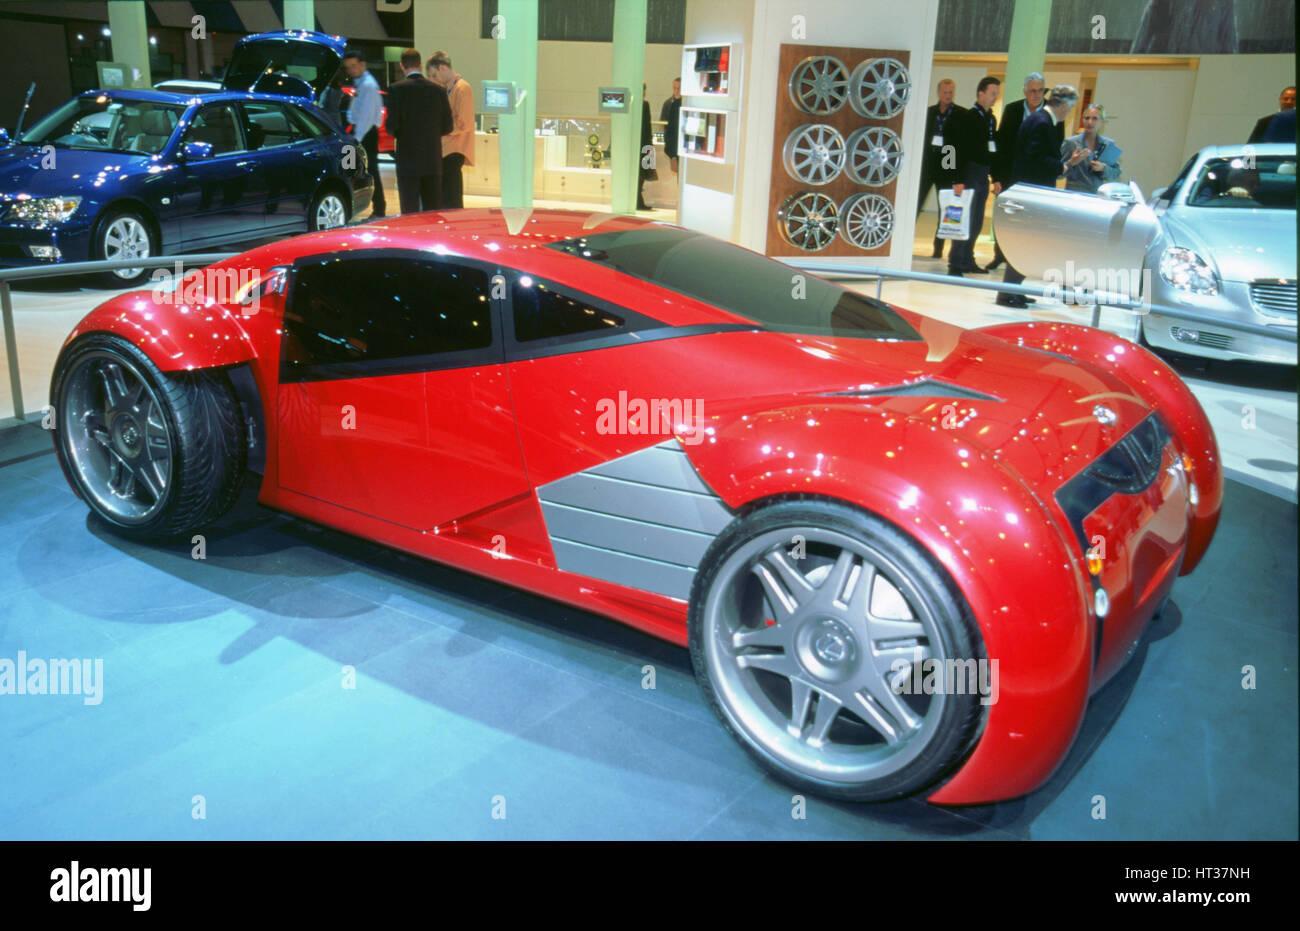 """2002 Lexus concept car électrique utilisé dans le rapport """"minorité"""" film. Artiste: Photo Stock"""